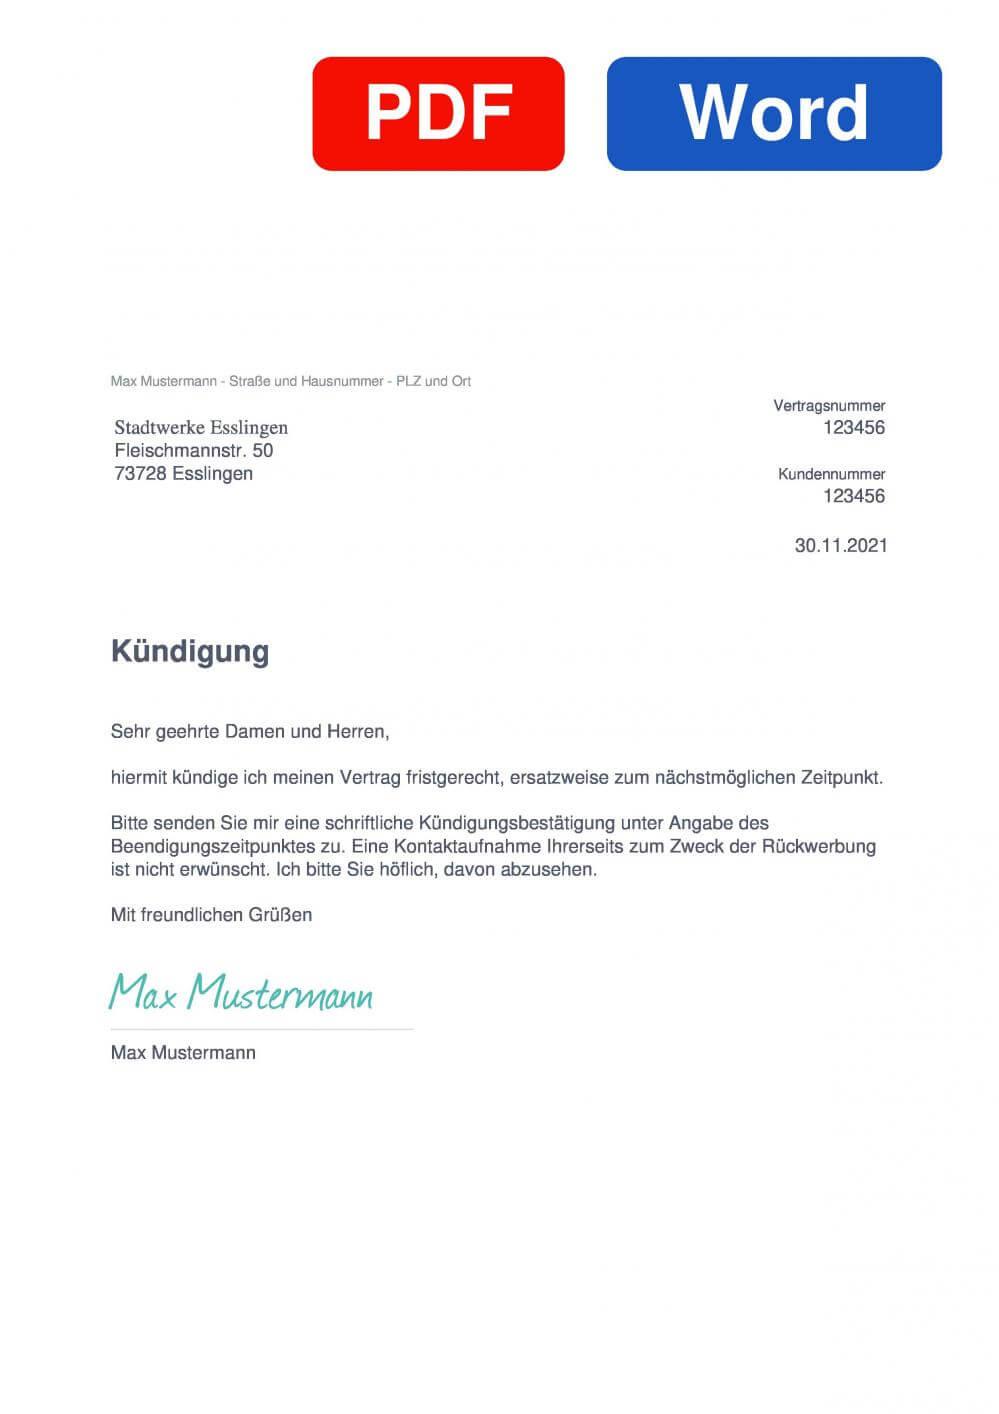 Stadtwerke Esslingen Muster Vorlage für Kündigungsschreiben